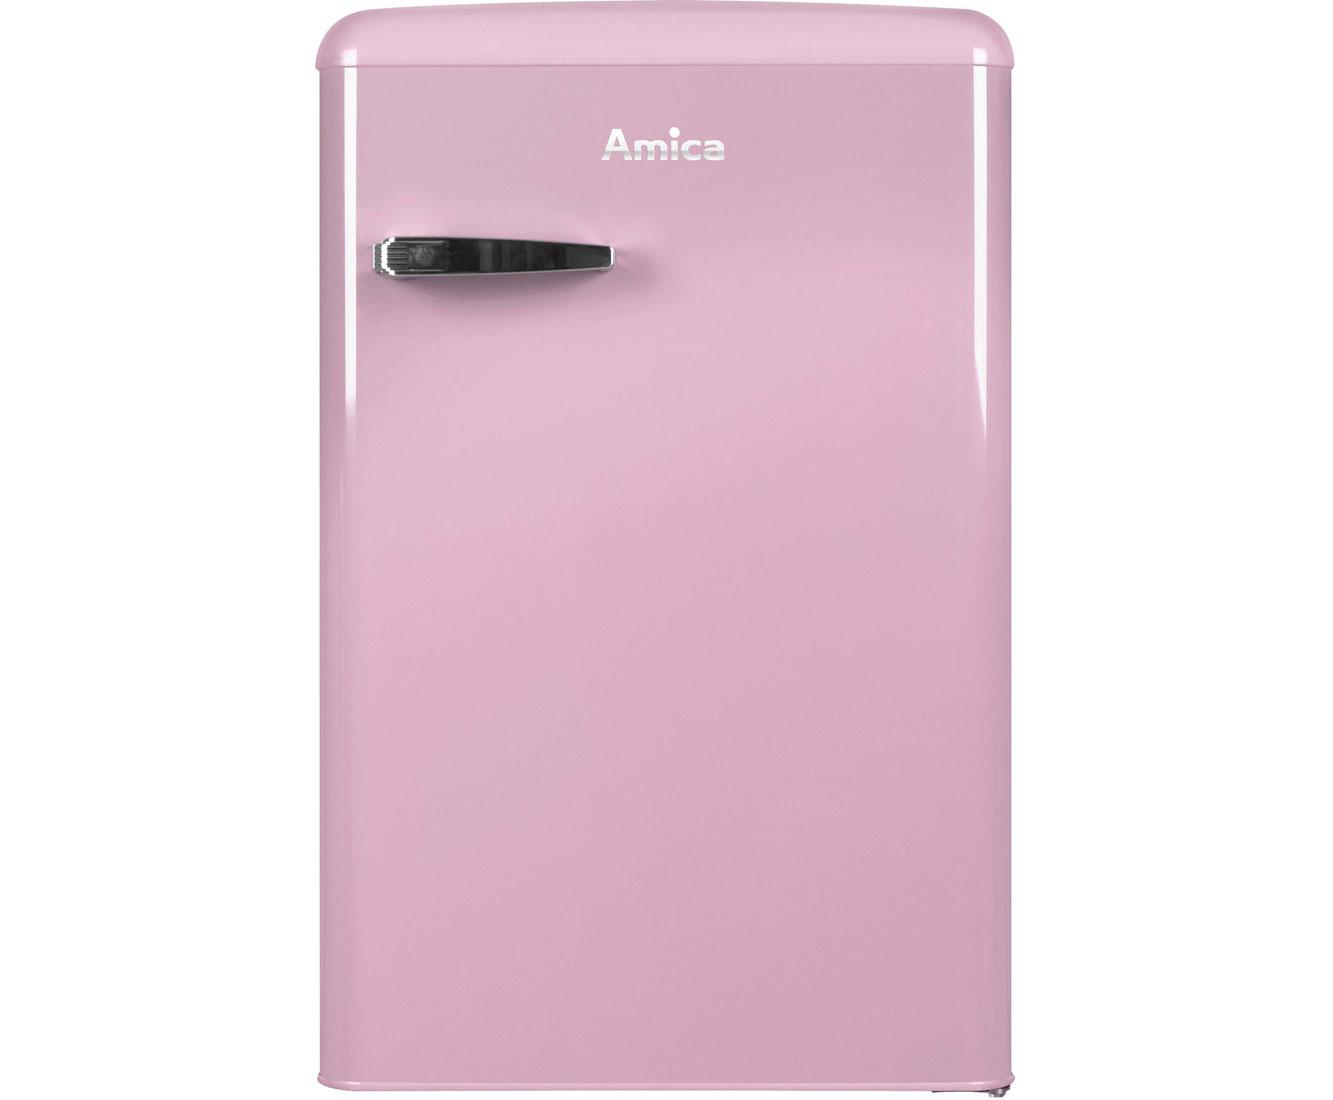 Amica Kühlschrank Linksanschlag : Pinker kühlschrank smeg schwarz kühlschrank britton jennifer